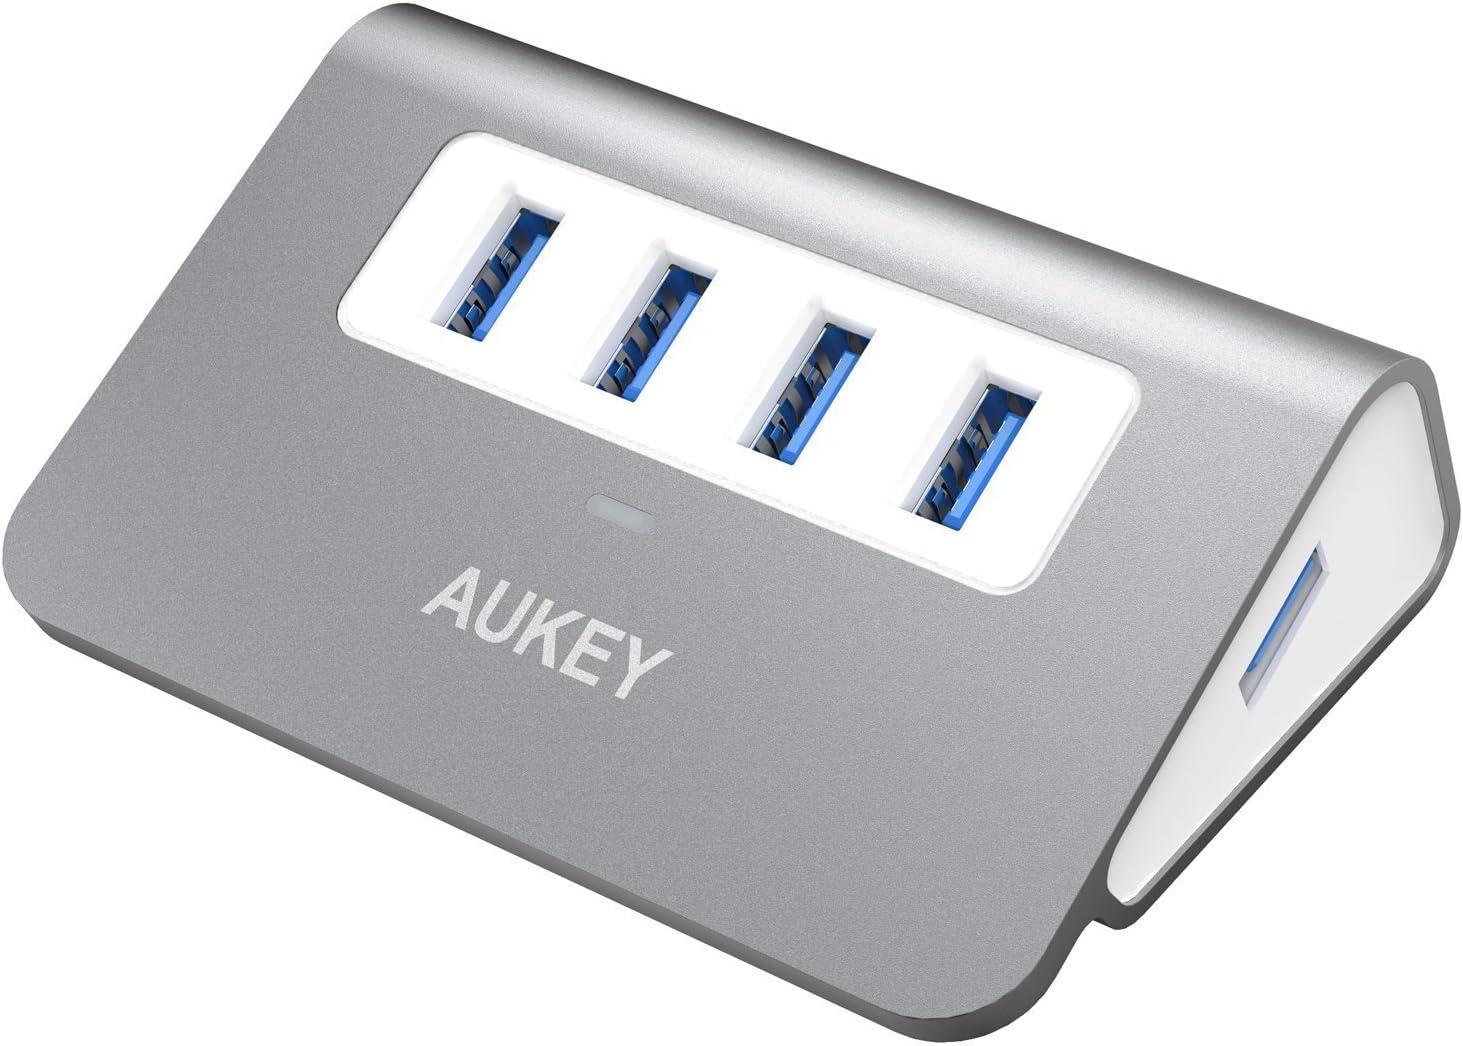 AUKEY Hub USB 3.0 4 Puertos Aluminio SuperSpeed 5Gbps con Cable USB 3.0 50cm y LED para Apple MacBook, Macbook Air, Macbook Pro, iMac y Ordenador Portátil (Gris)